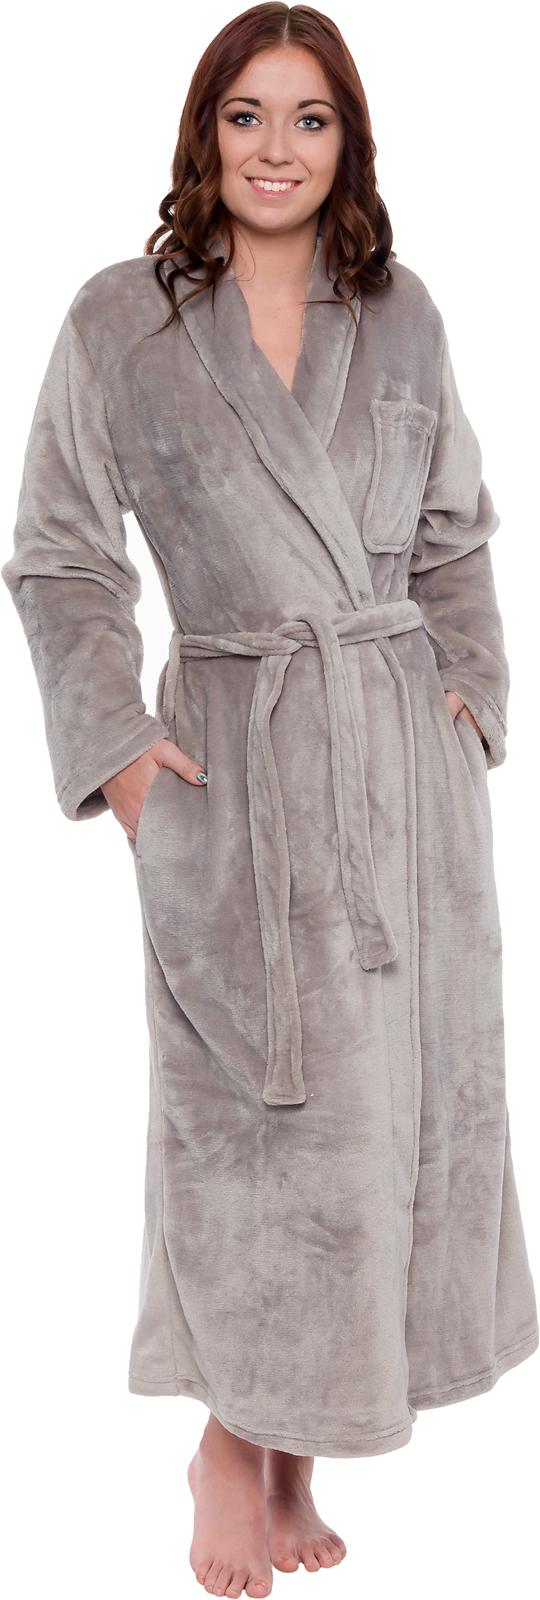 Silver Lilly Womens Plush Wrap Kimono Long Bathrobe Loungewear w/ Tie Belt